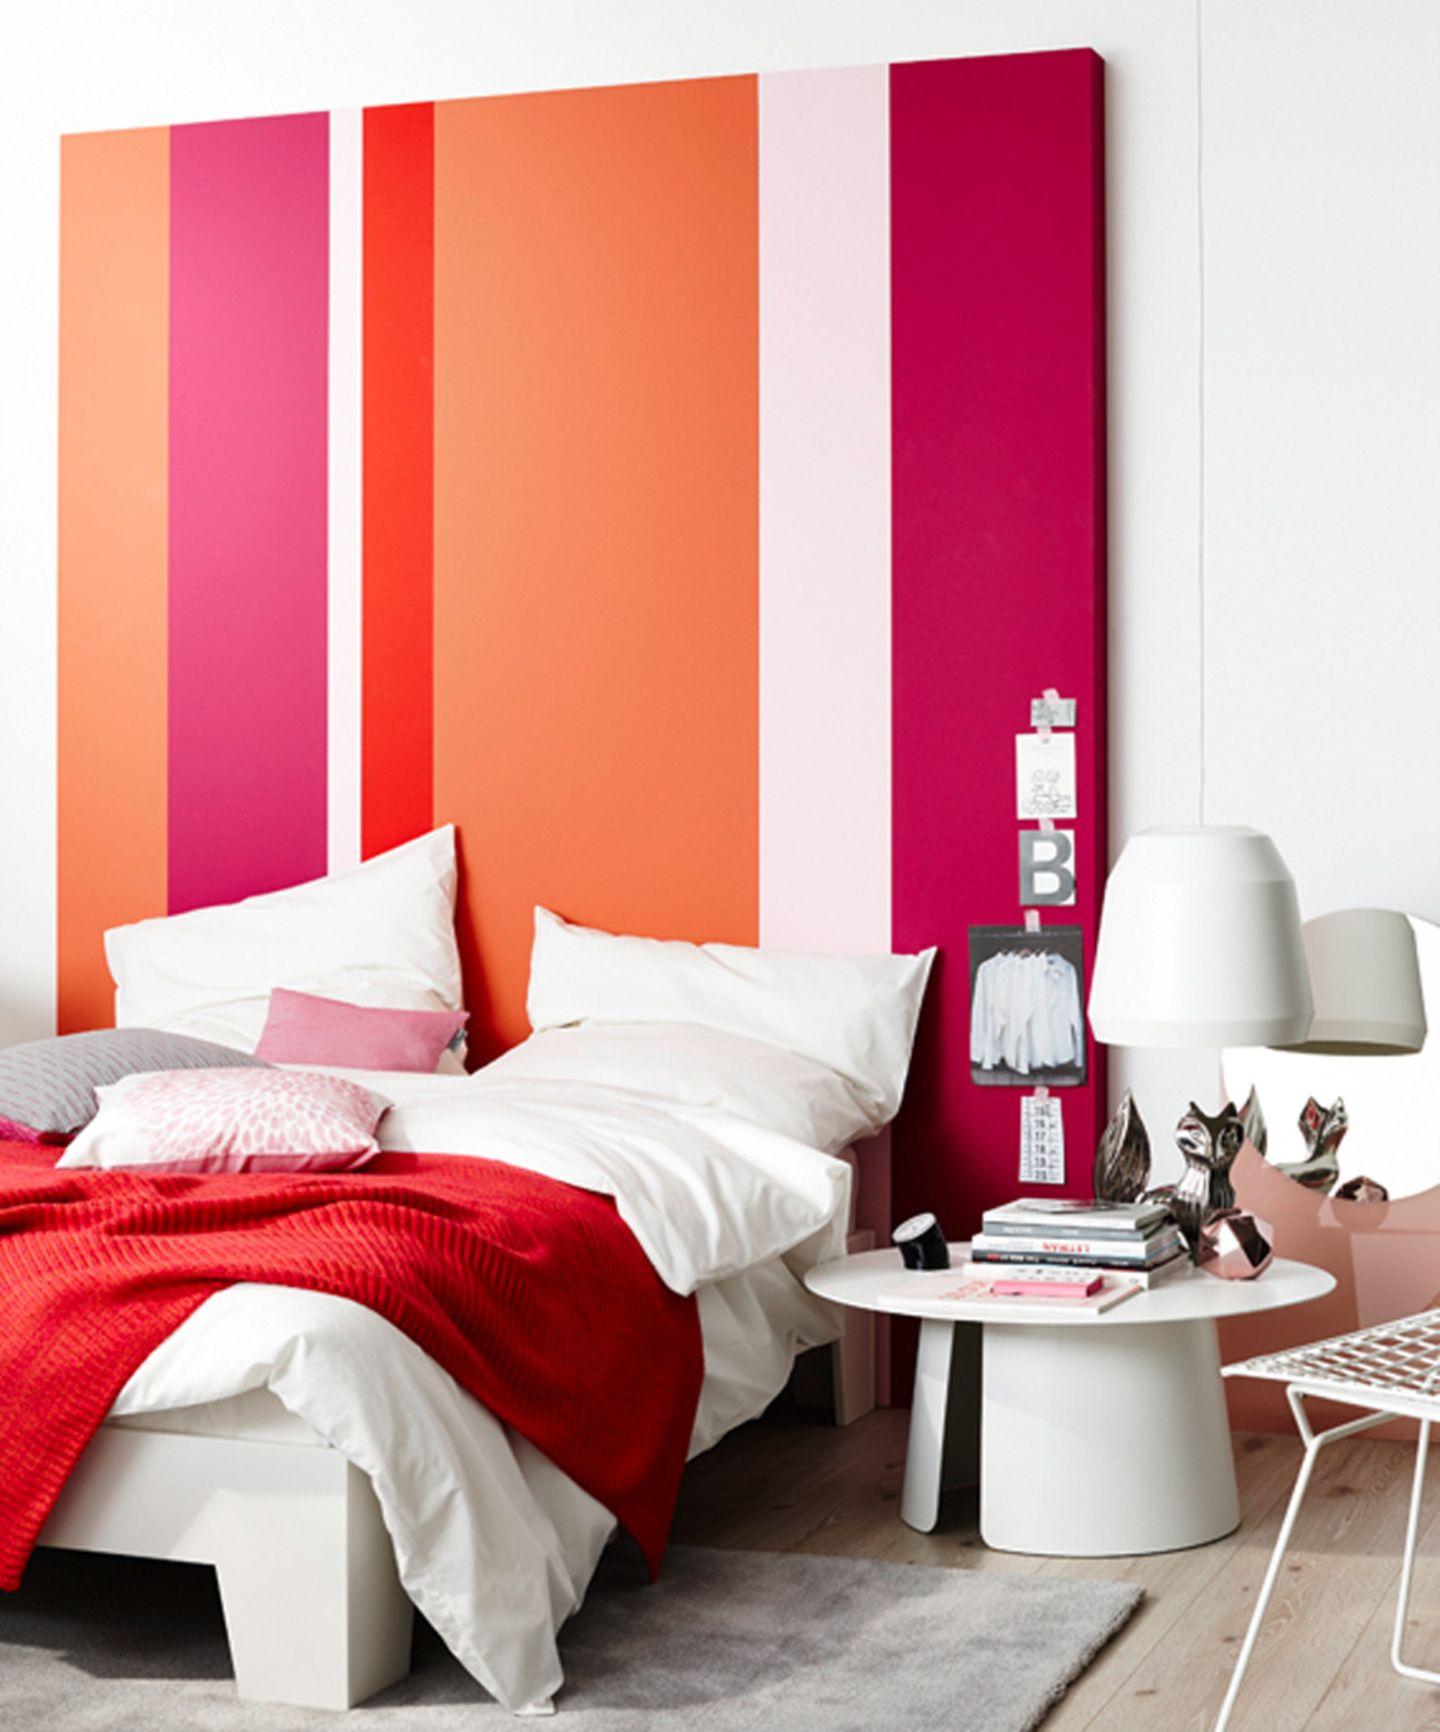 Wandfarben in Rot, Pink, Orange von SCHÖNER WOHNEN-Farbe